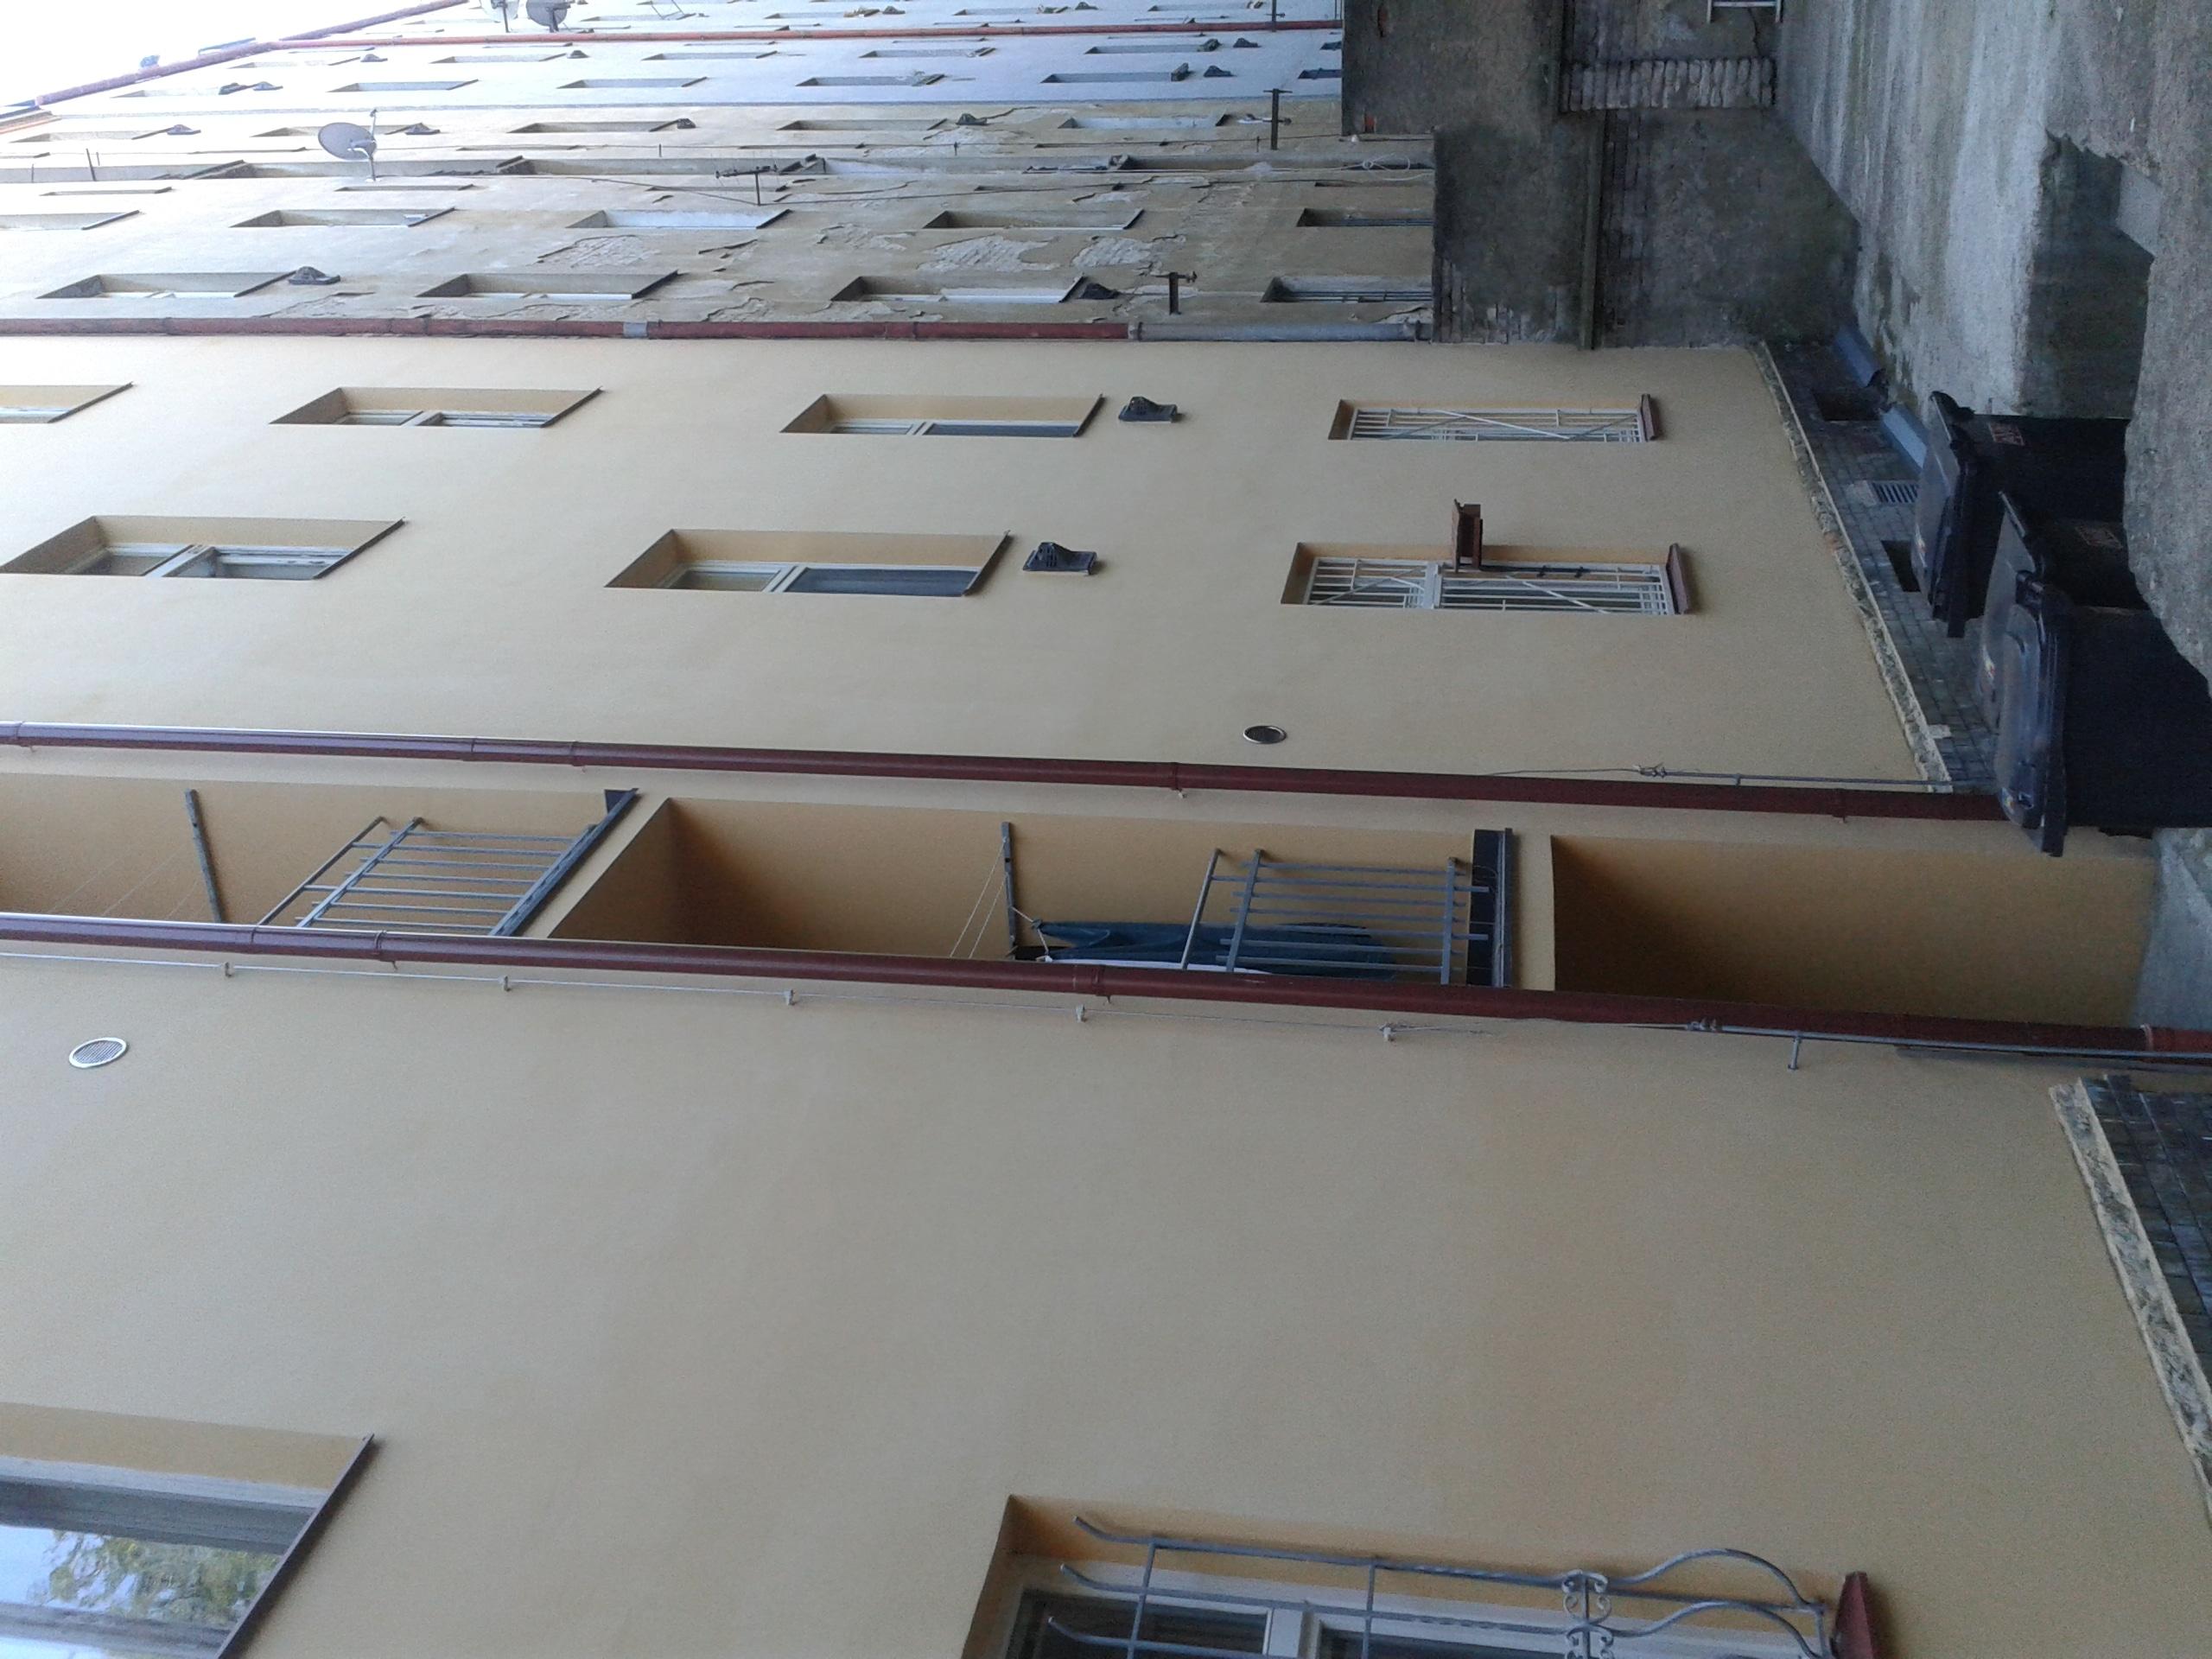 למכירה דירת 2 חדרים בשכונת ז'יז'קוב בפראג11 (21)